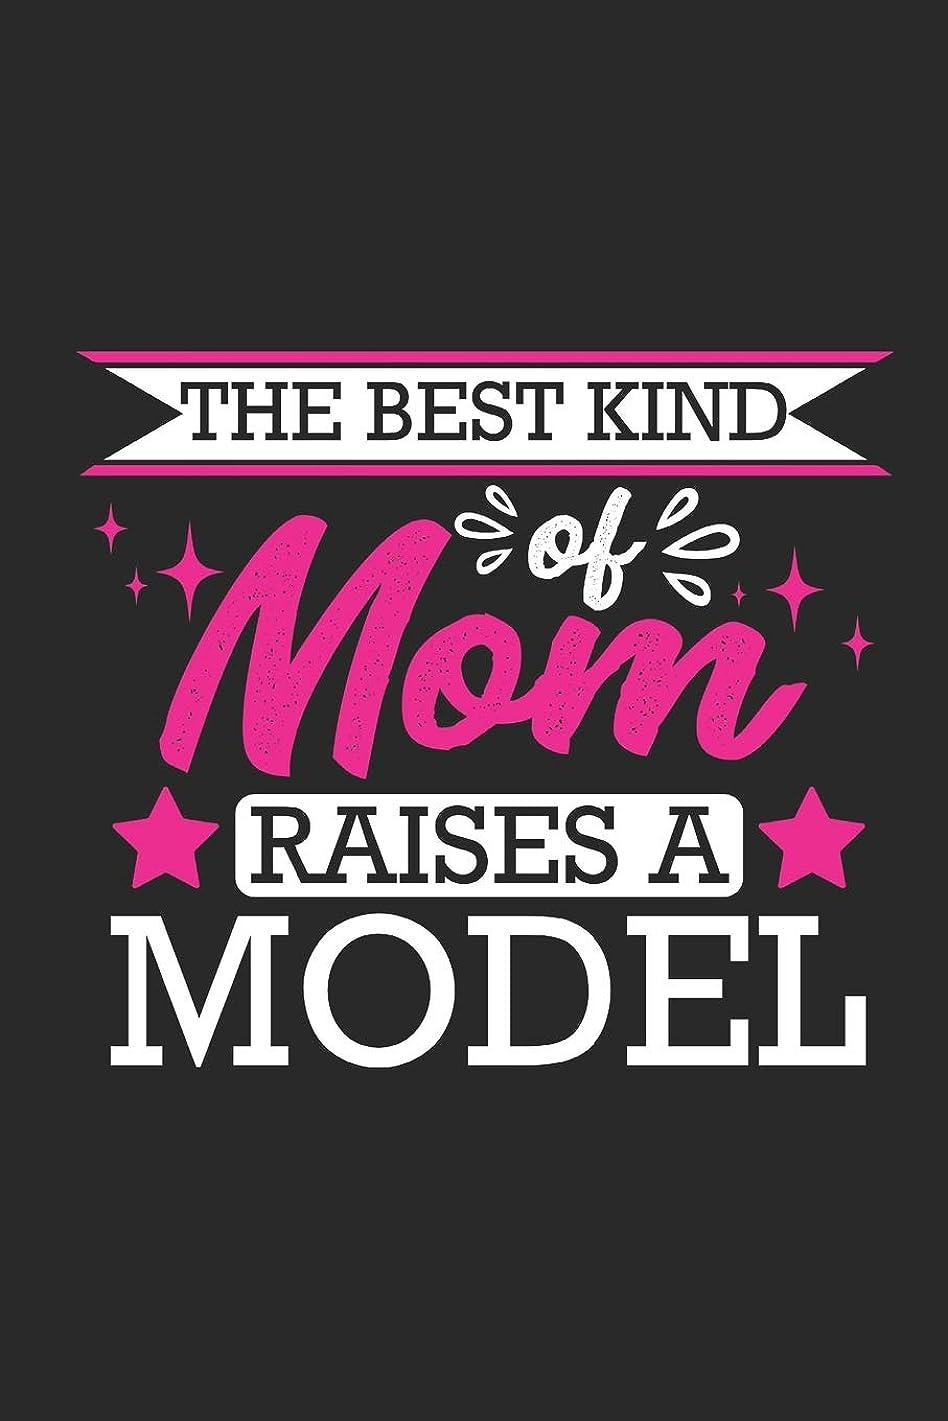 悪化する複雑商人The Best Kind Of Mom Raises A Model: Small 6x9 Notebook, Journal or Planner, 110 lined Pages, Christmas, Birthday or Anniversary Gift Idea